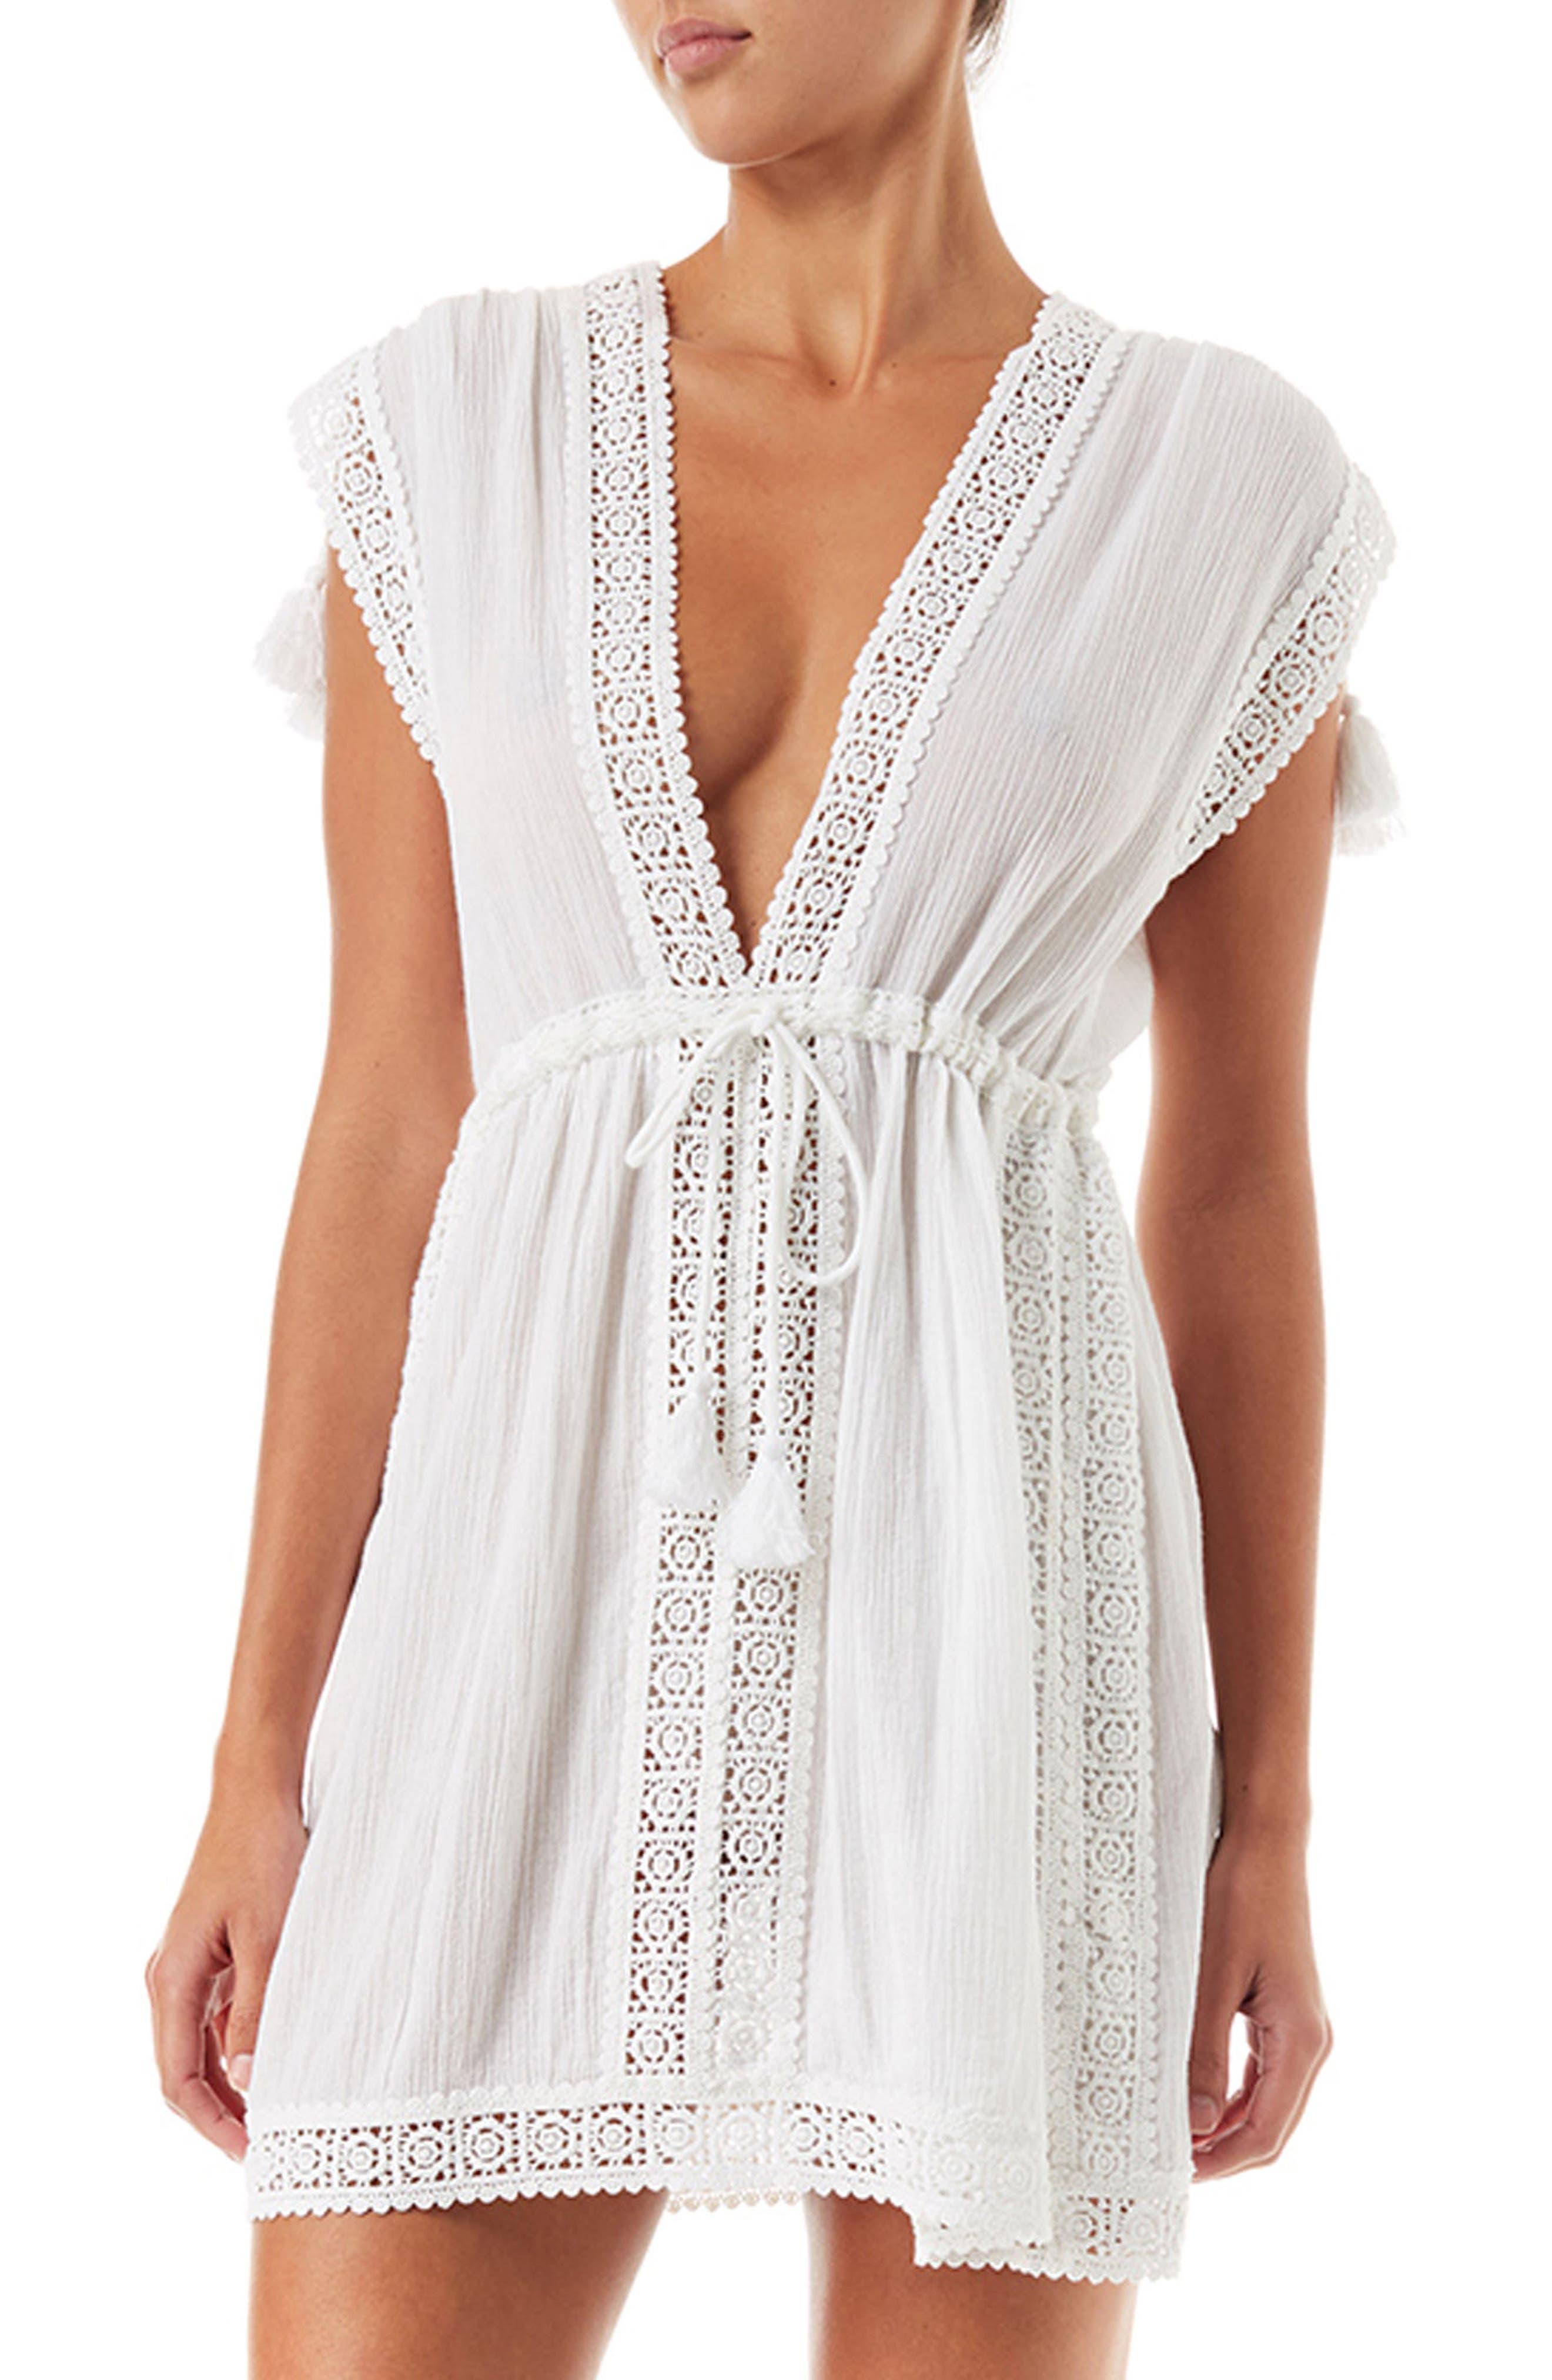 Jennifer Cover-up Dress,                             Main thumbnail 1, color,                             White